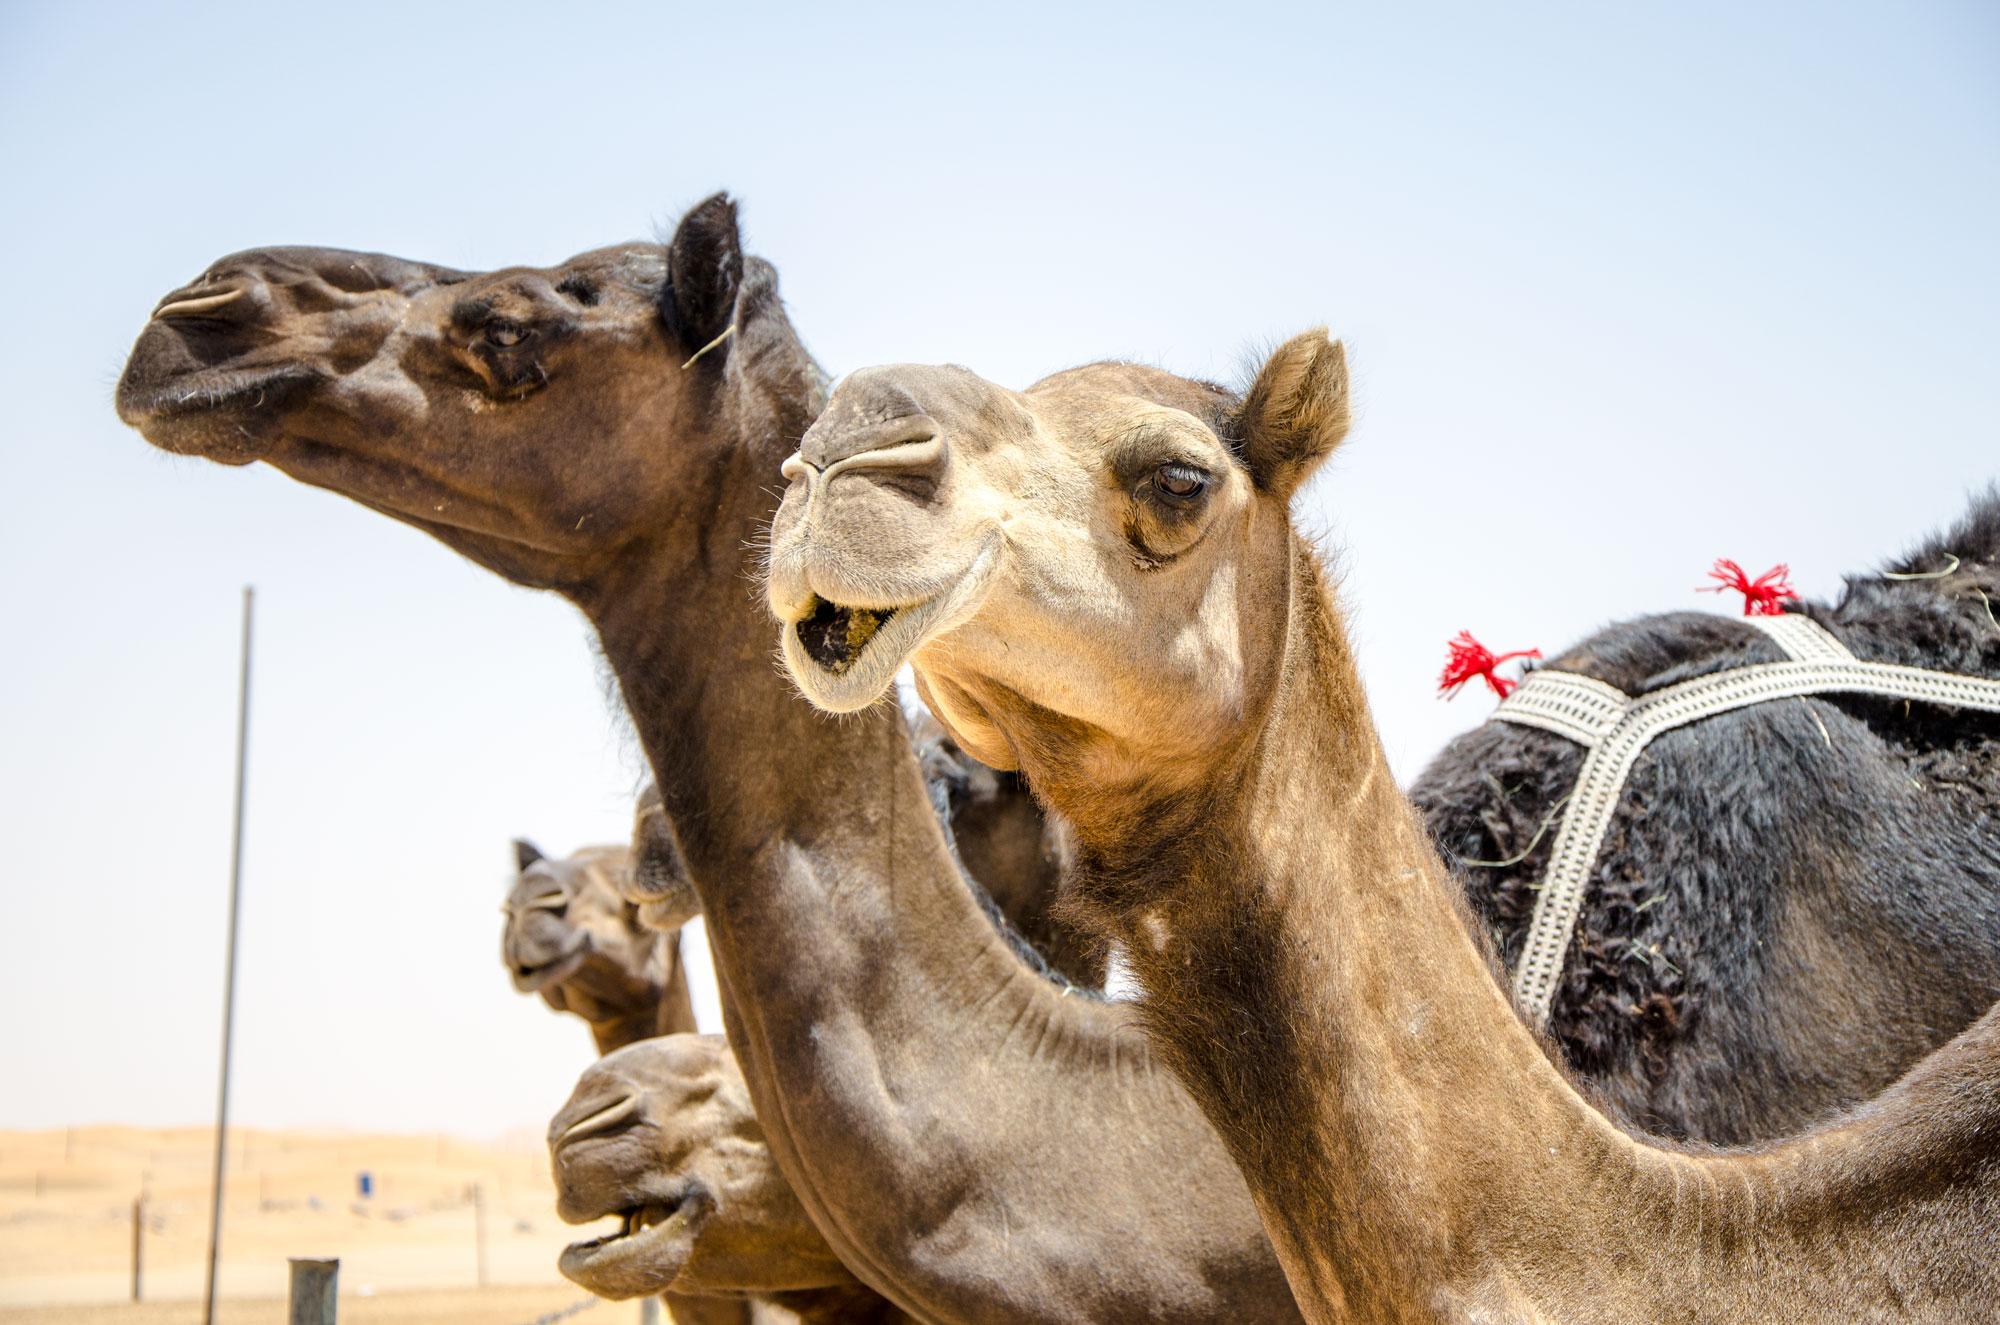 Kamele haben als Transportmittel ausgedient, sind aber fast überall im ganzen Land anzutreffen. Foto: Lothar Ruttner